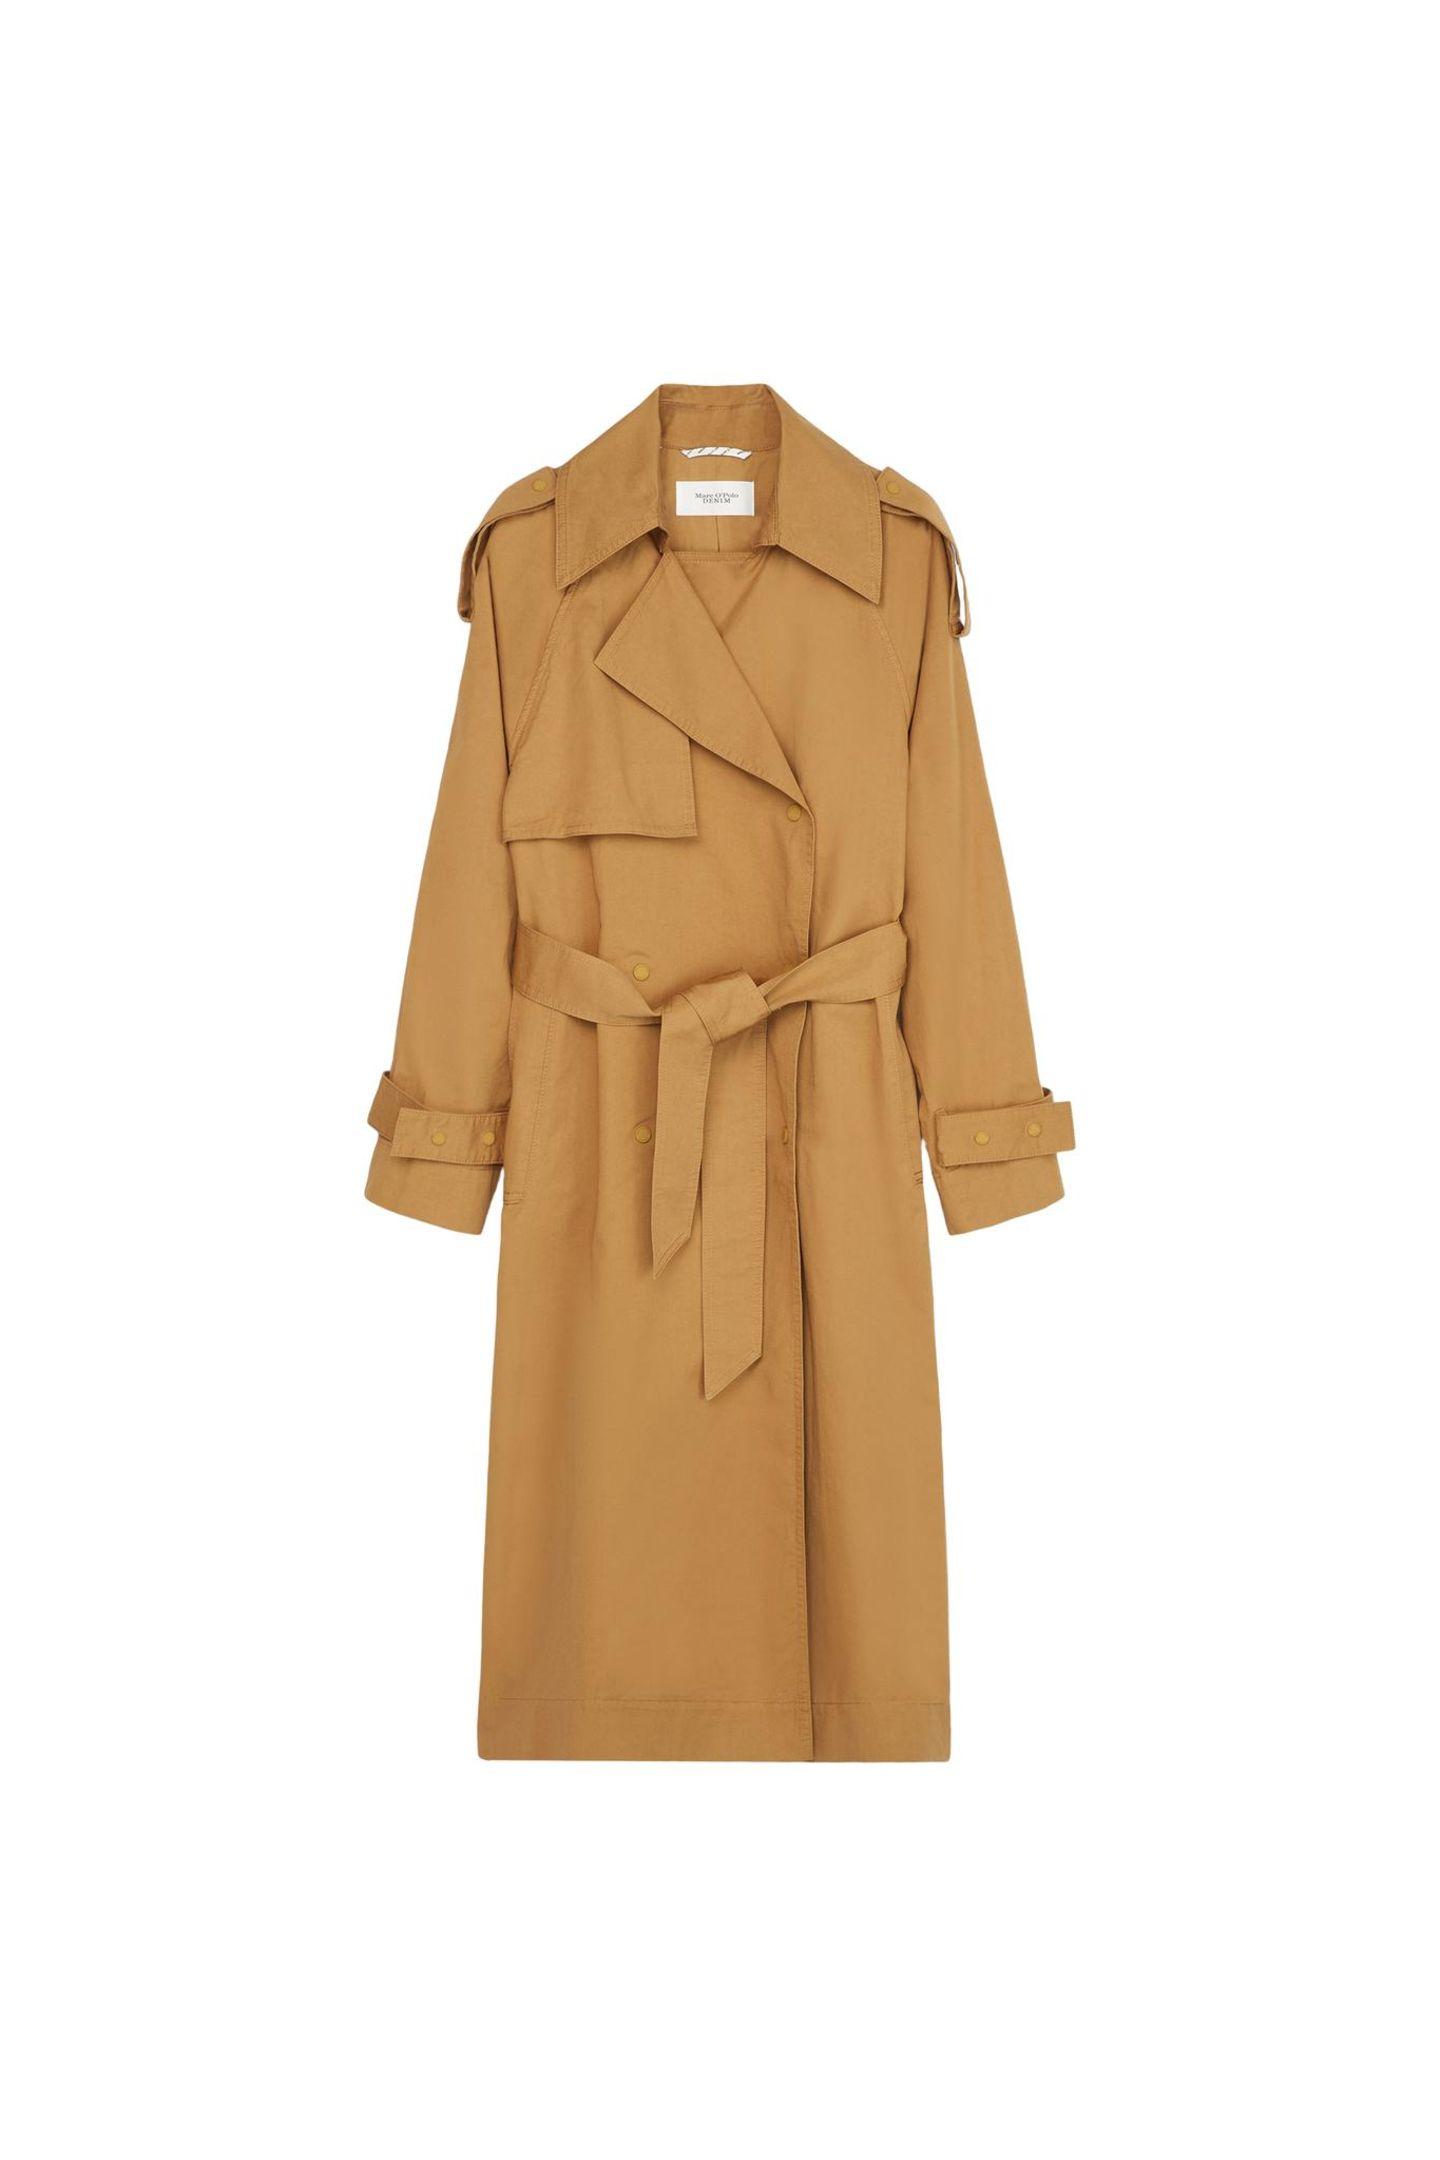 Den eigenen Stil finden: Trenchcoat